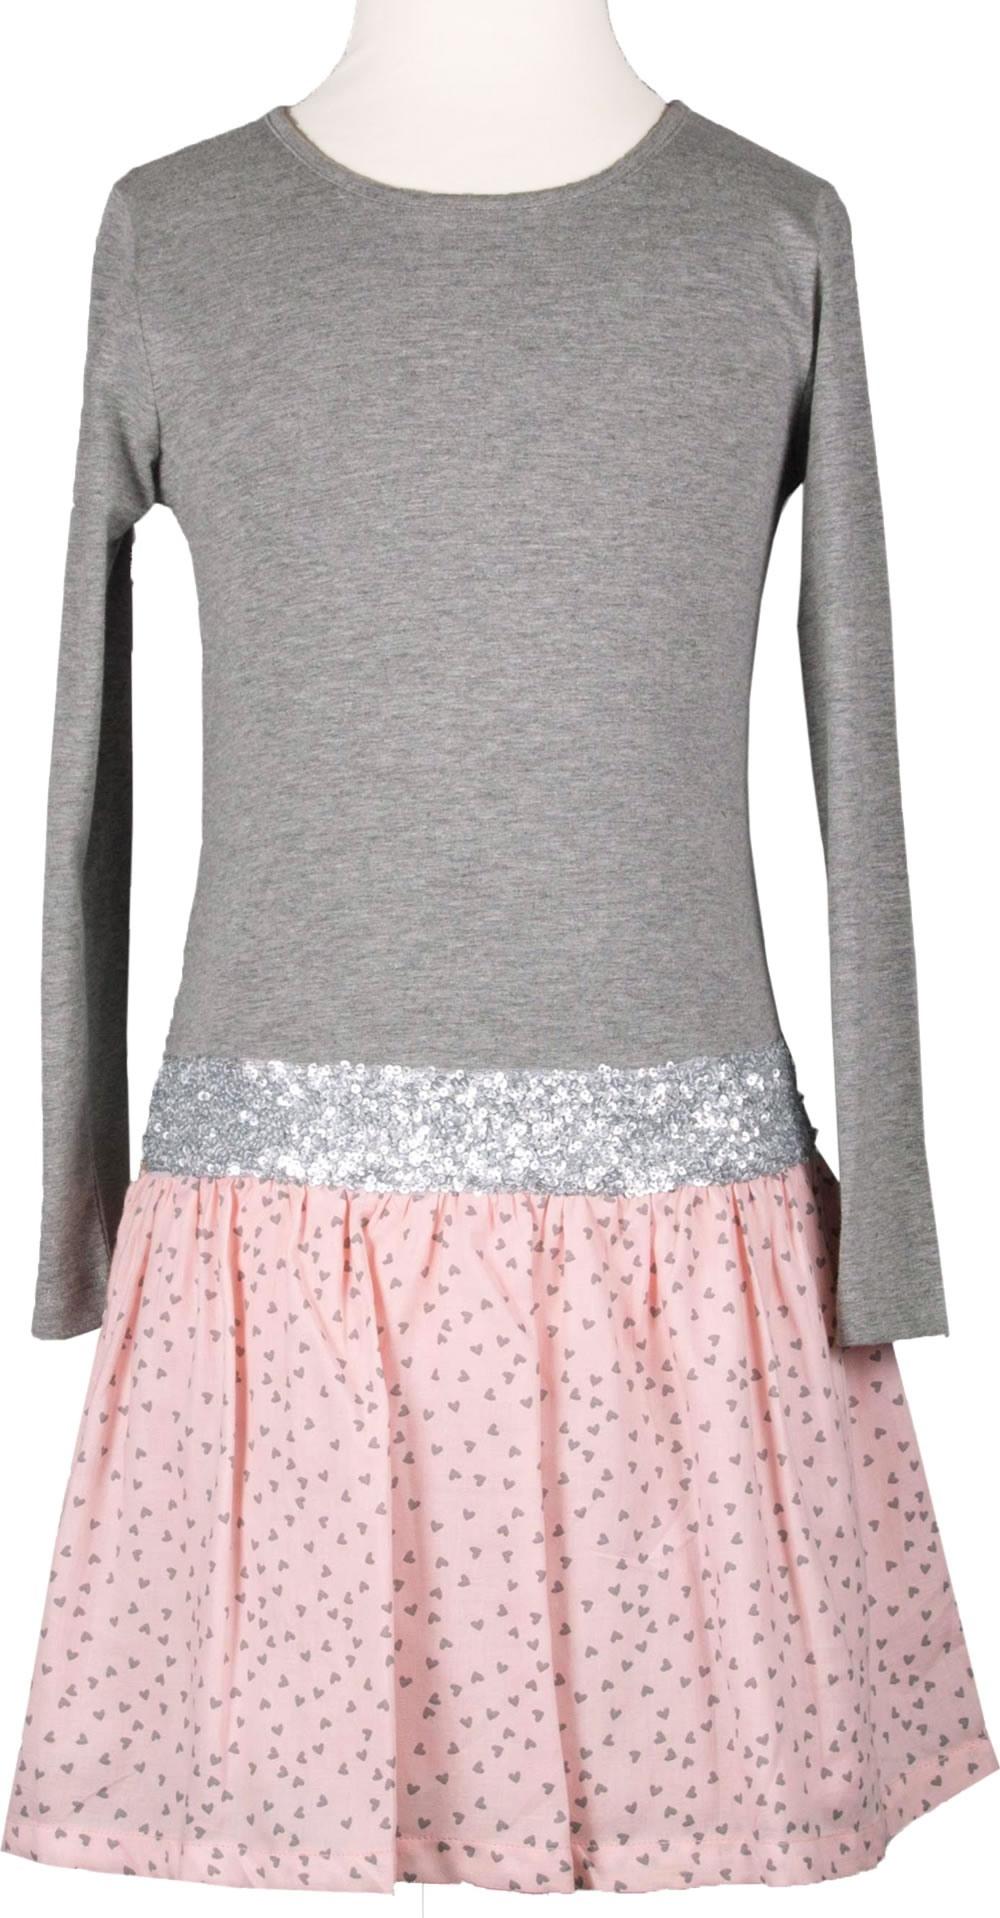 17 Ausgezeichnet Kleid Rosa Grau DesignDesigner Einfach Kleid Rosa Grau für 2019